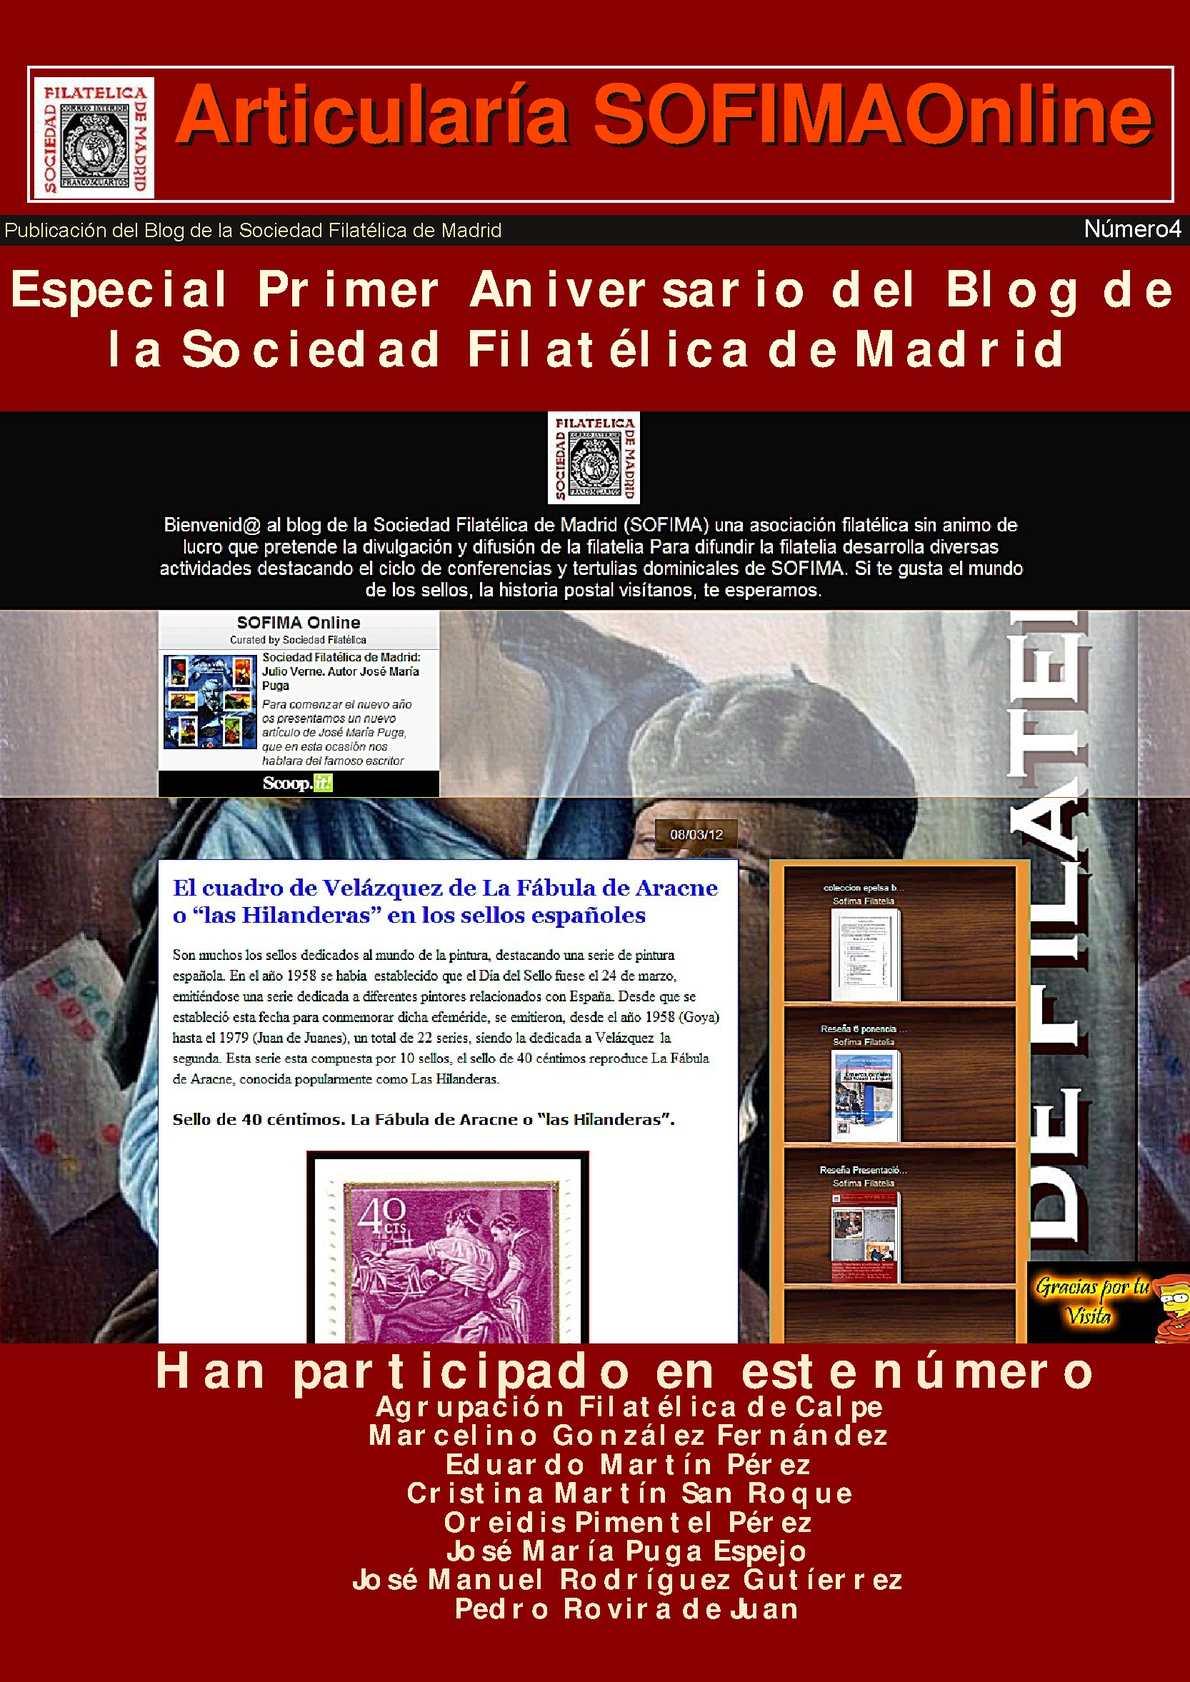 74439b609ef66 Calaméo - Articularía de SOFIMAOnline 4